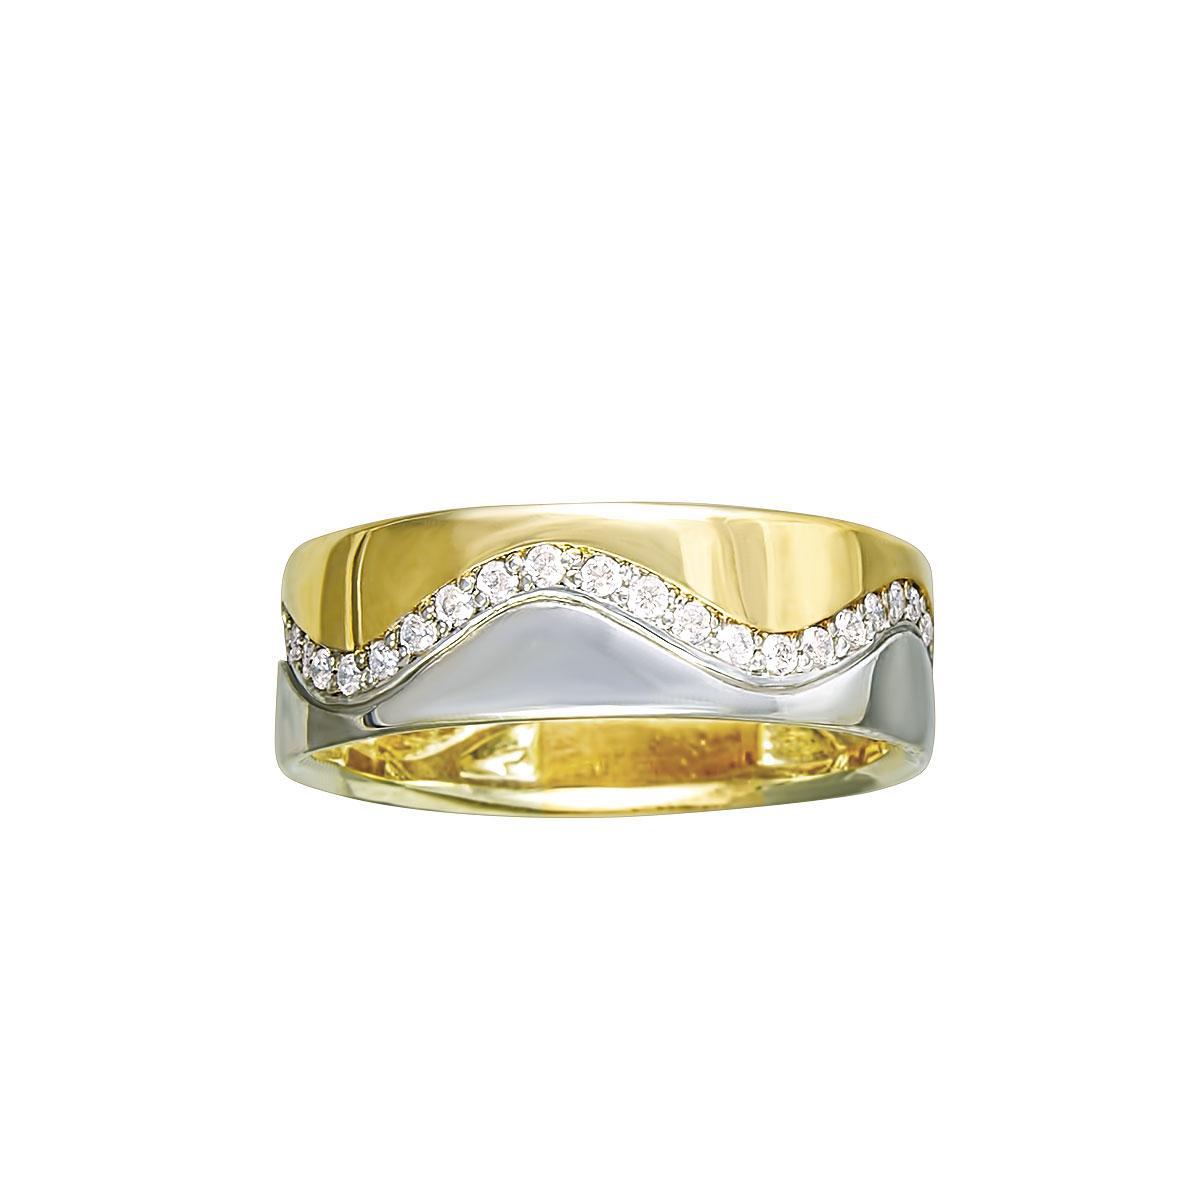 Обручальное литое кольцо 585